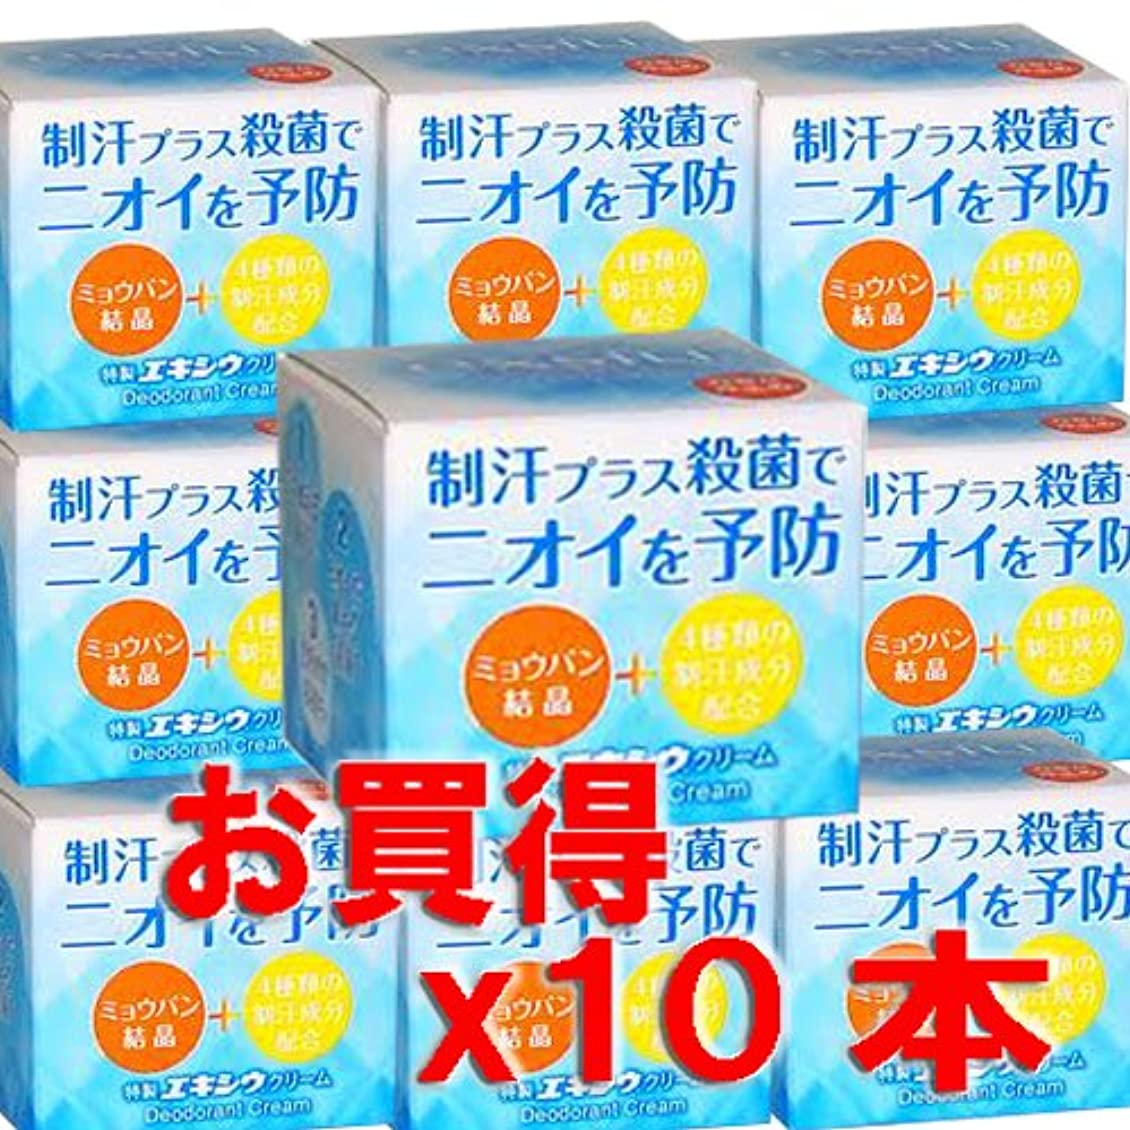 曲がったブレンドハウス★10個セット★ 特製エキシウクリーム 30gx10個セット(4987145200228)